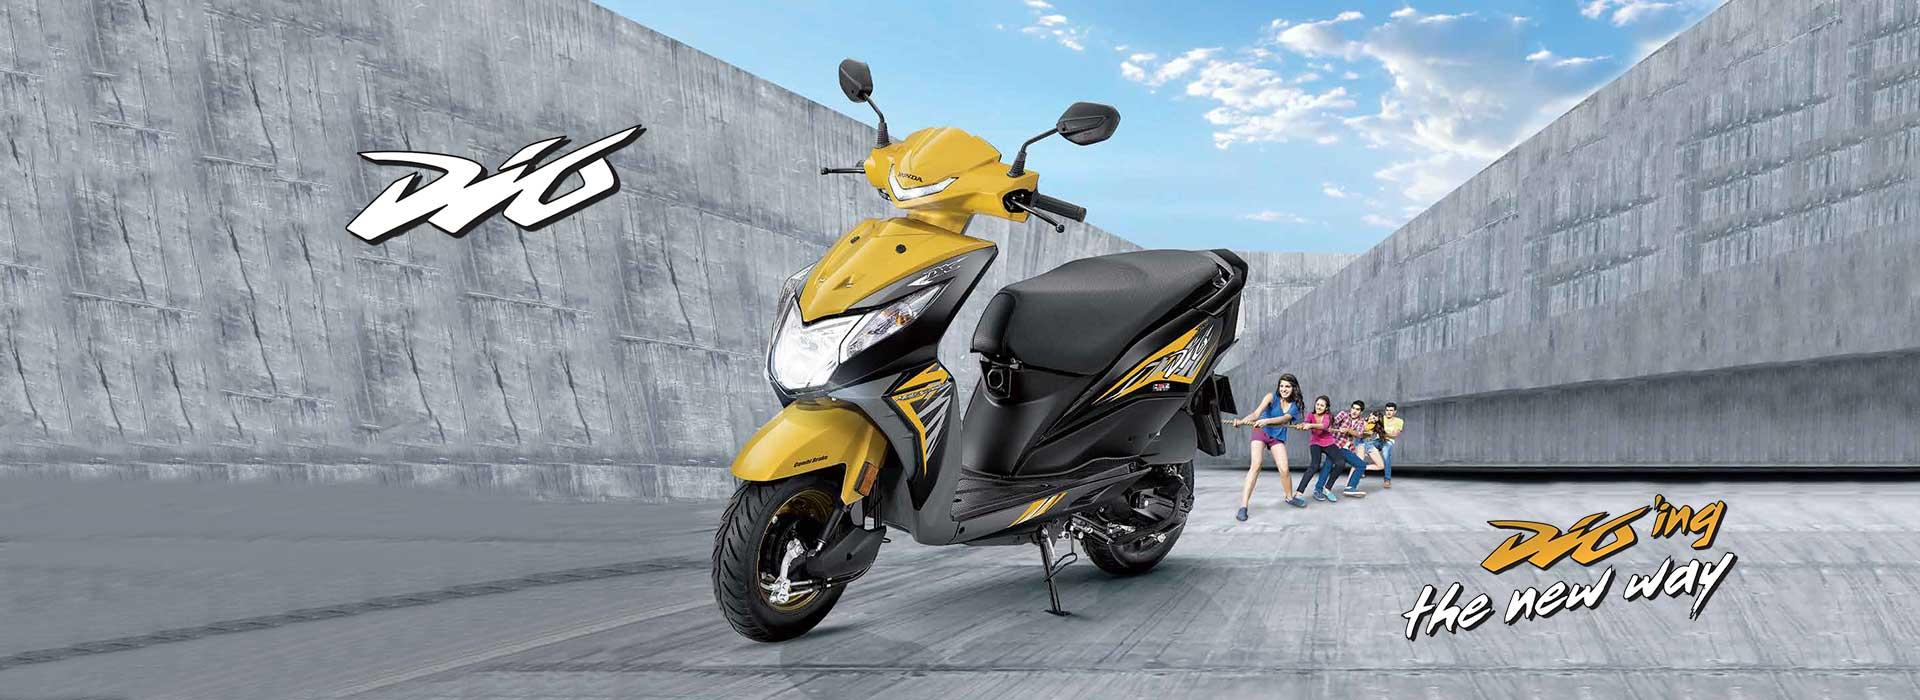 Tansi Honda Authorized Honda Two Wheeler Dealership Serving And